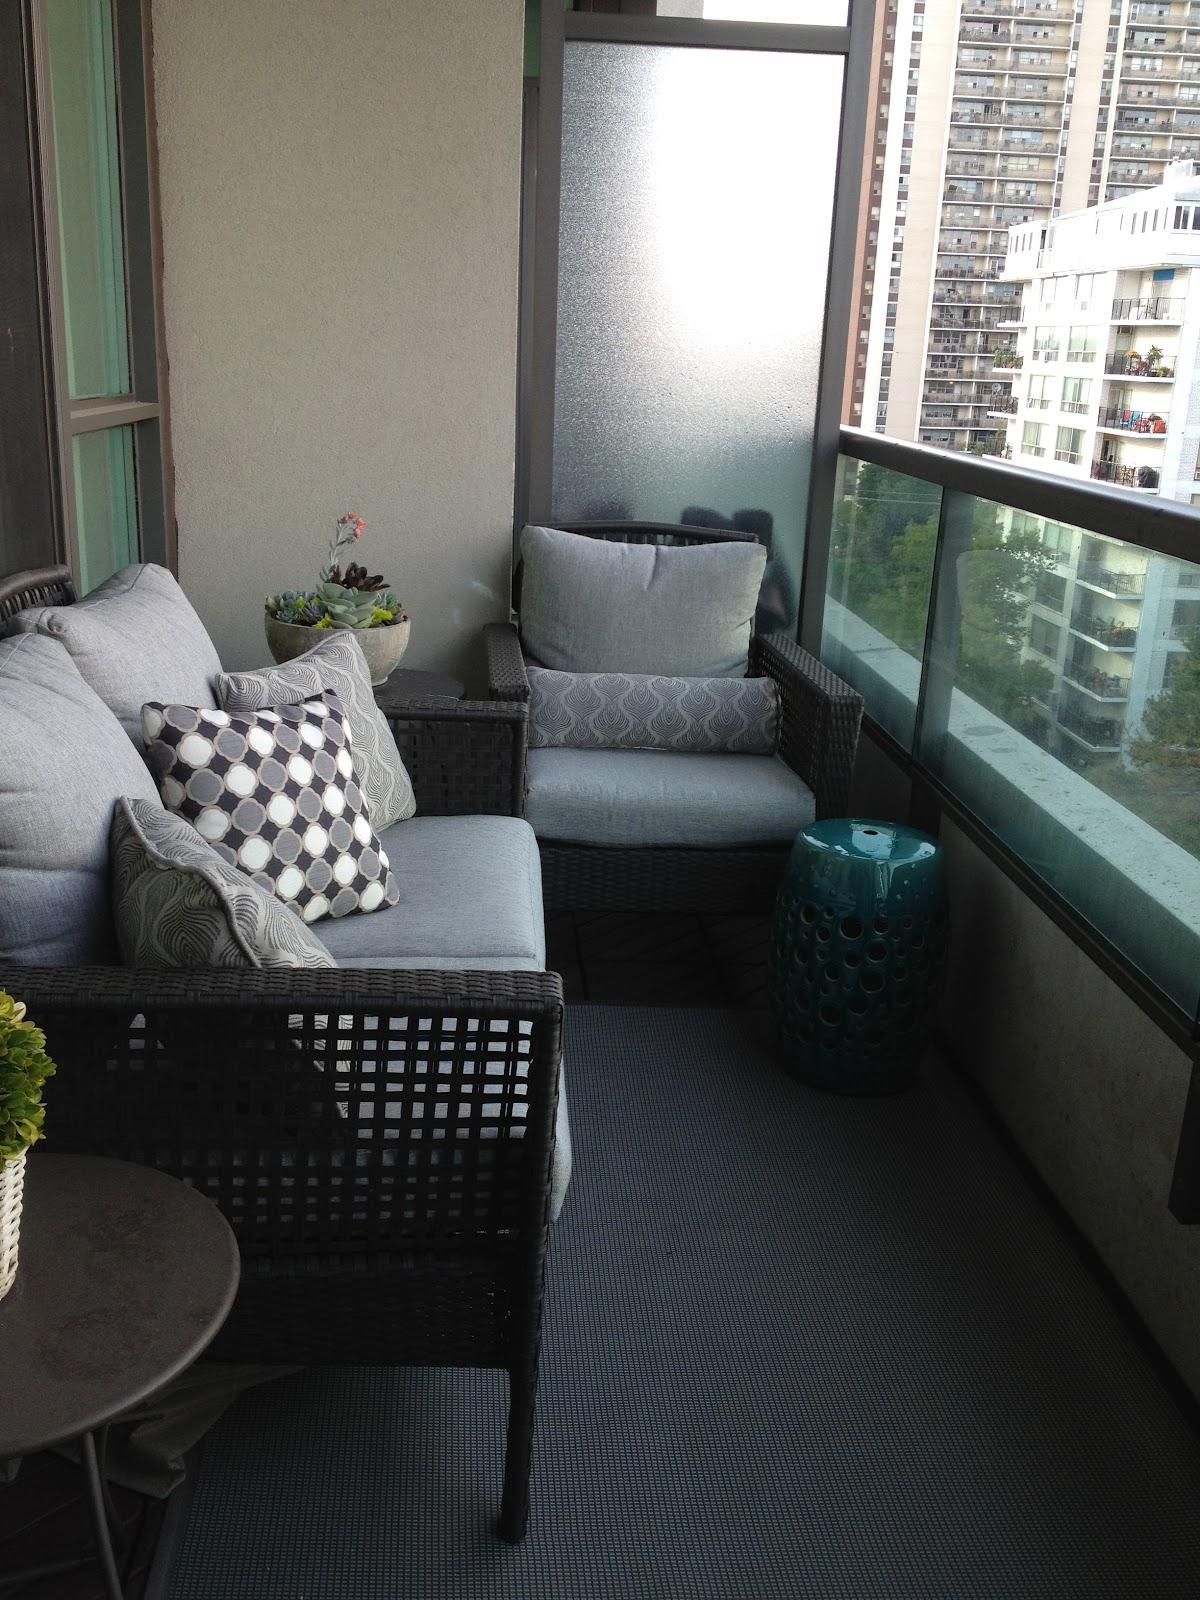 The Room Condo Balcony